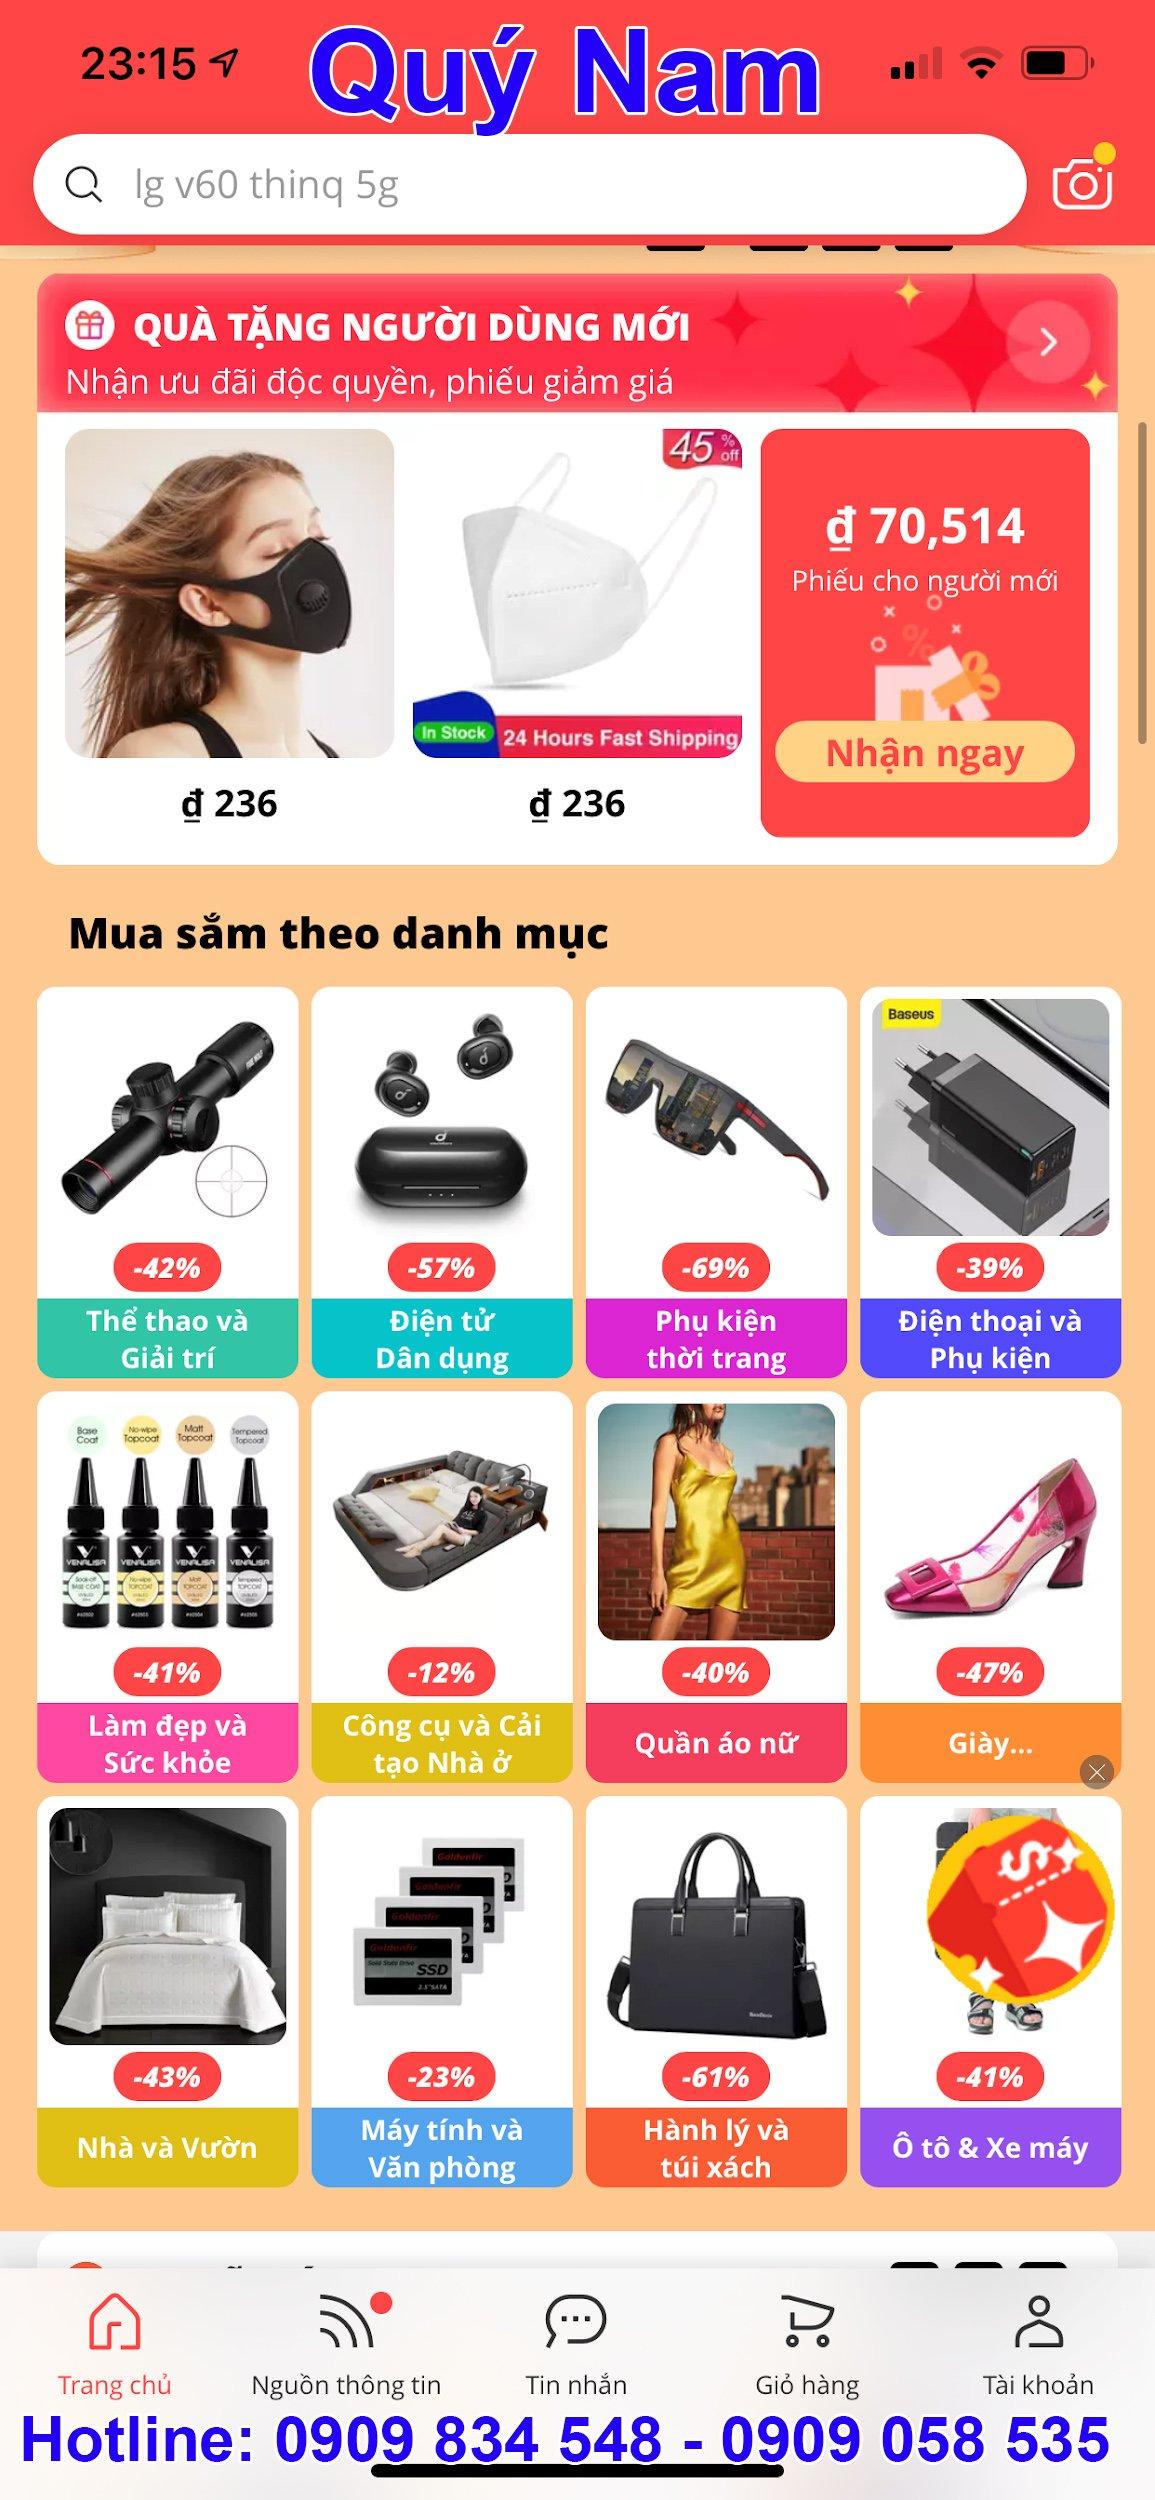 Giao diện bằng tiếng Việt của Aliexpress